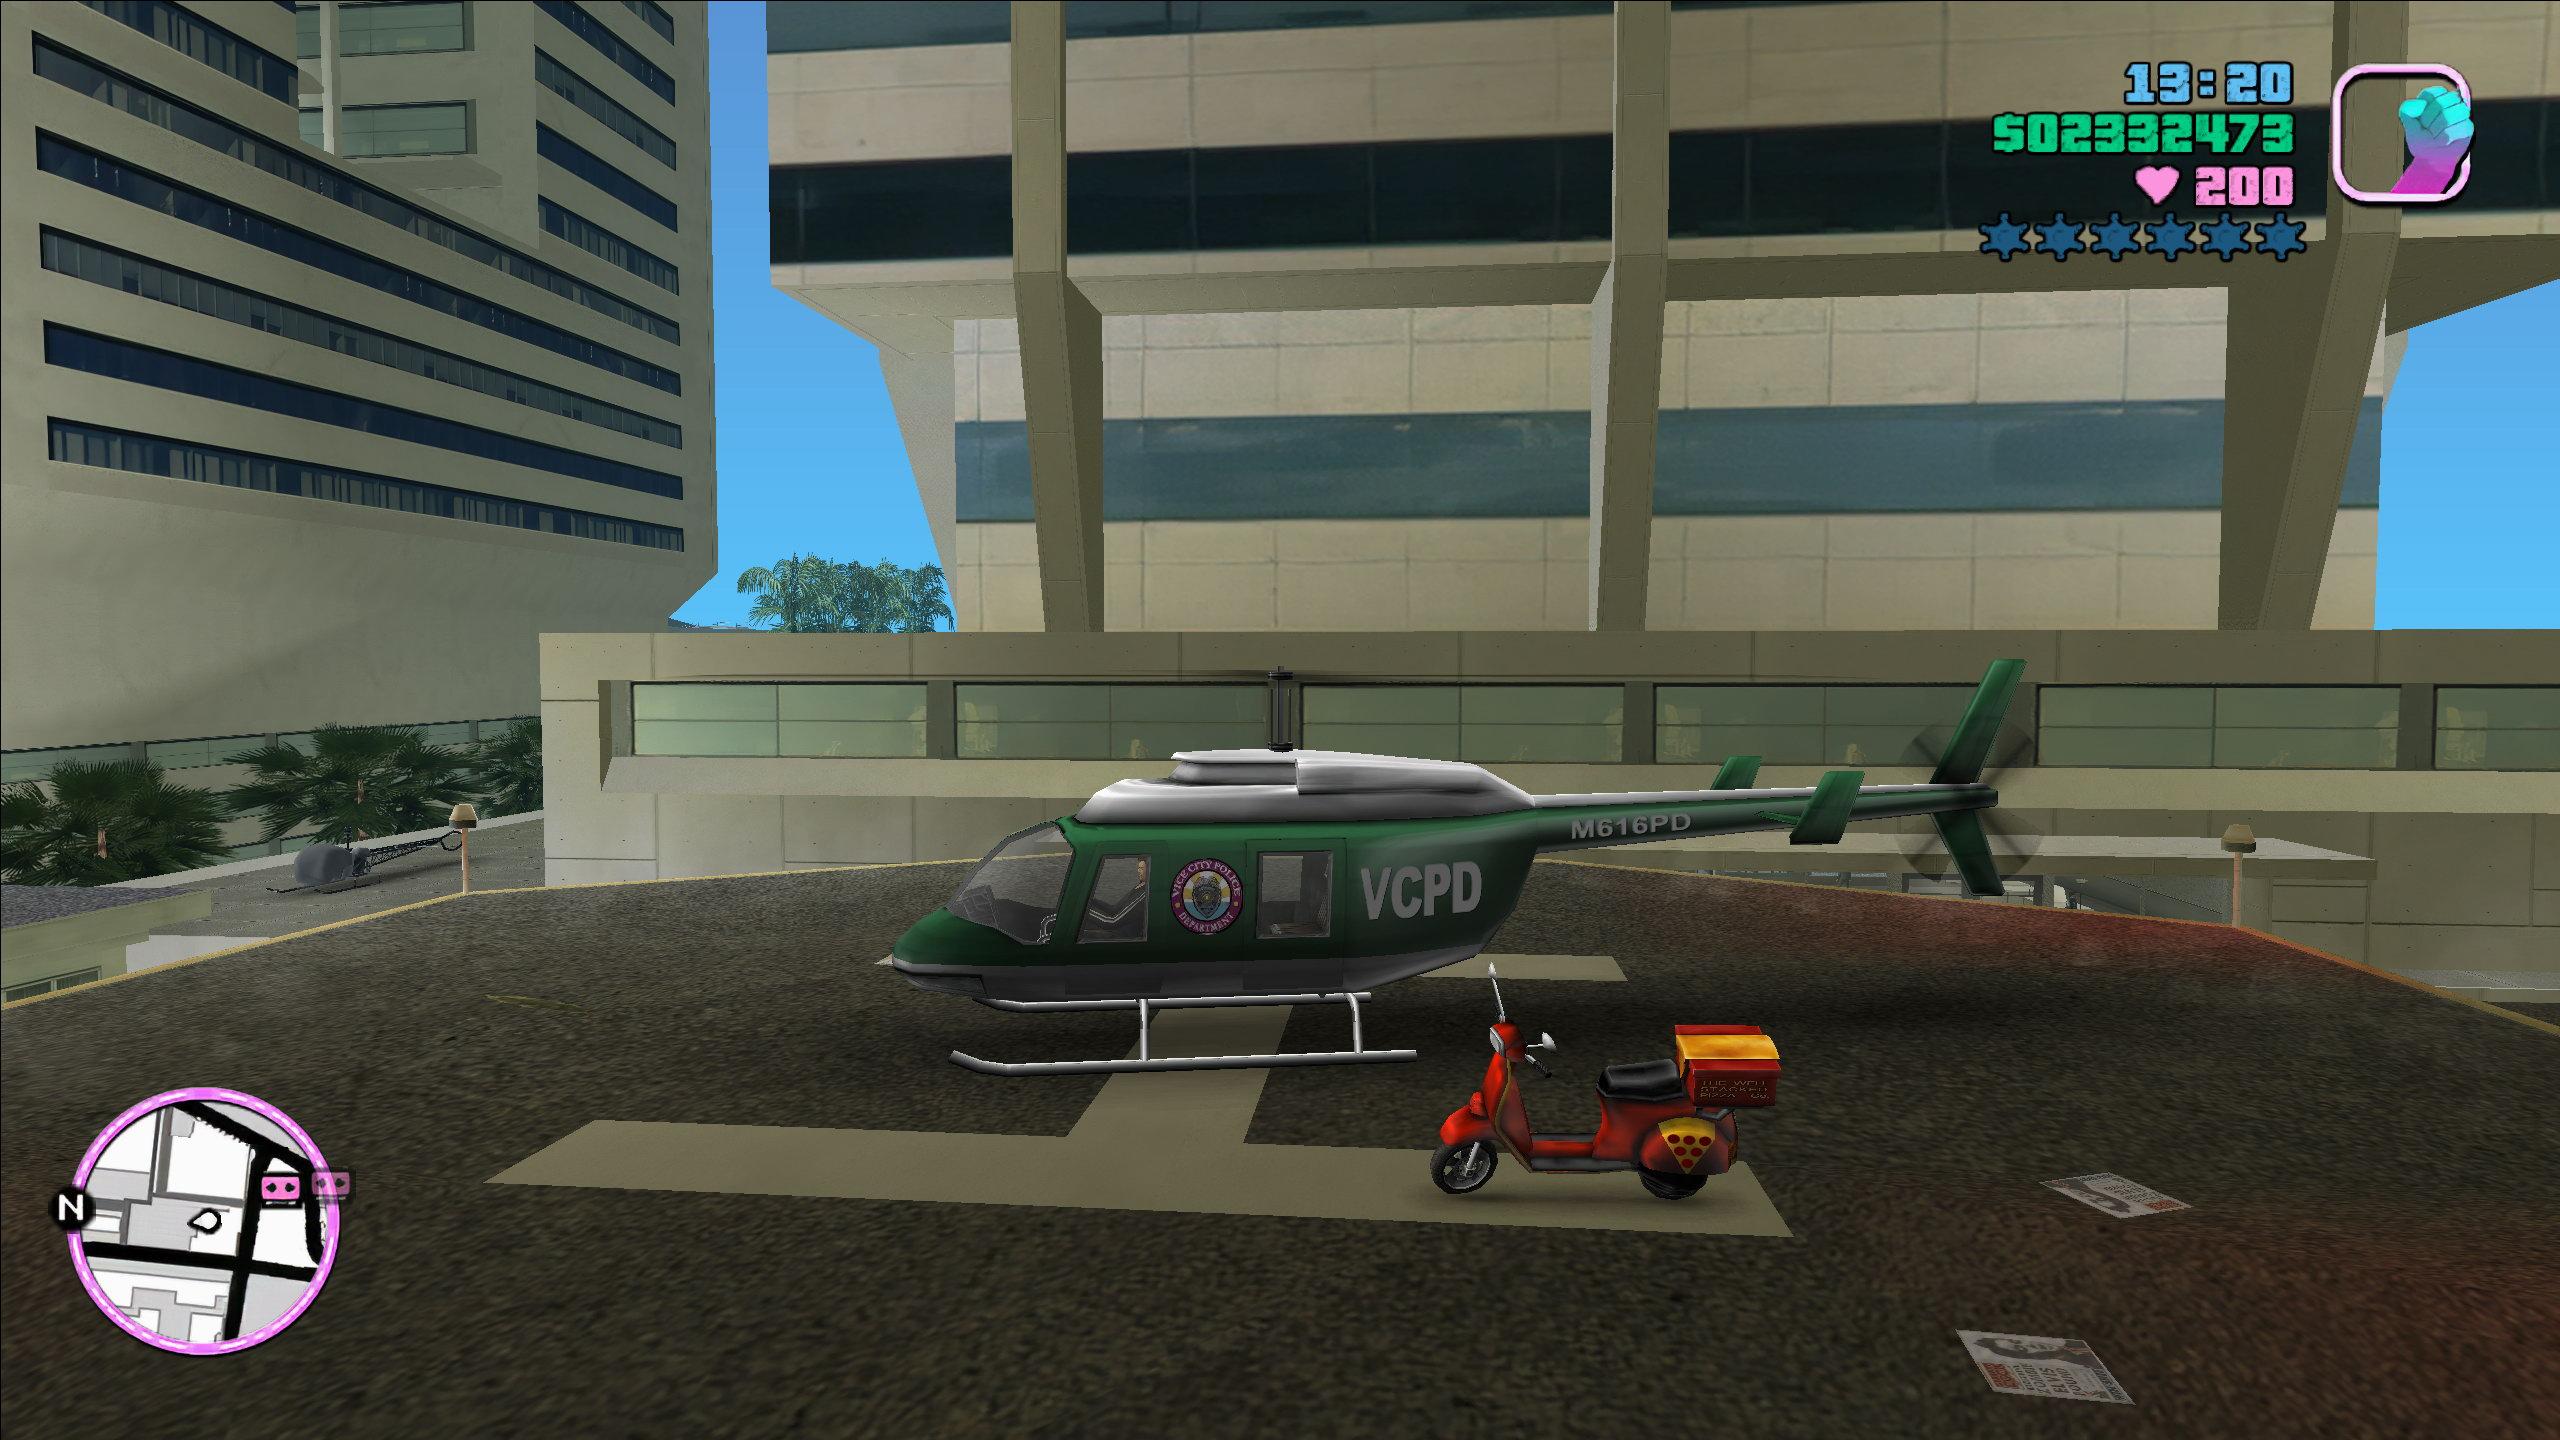 《侠盗猎车:罪恶都市》高清材质MOD 呈现真实都市